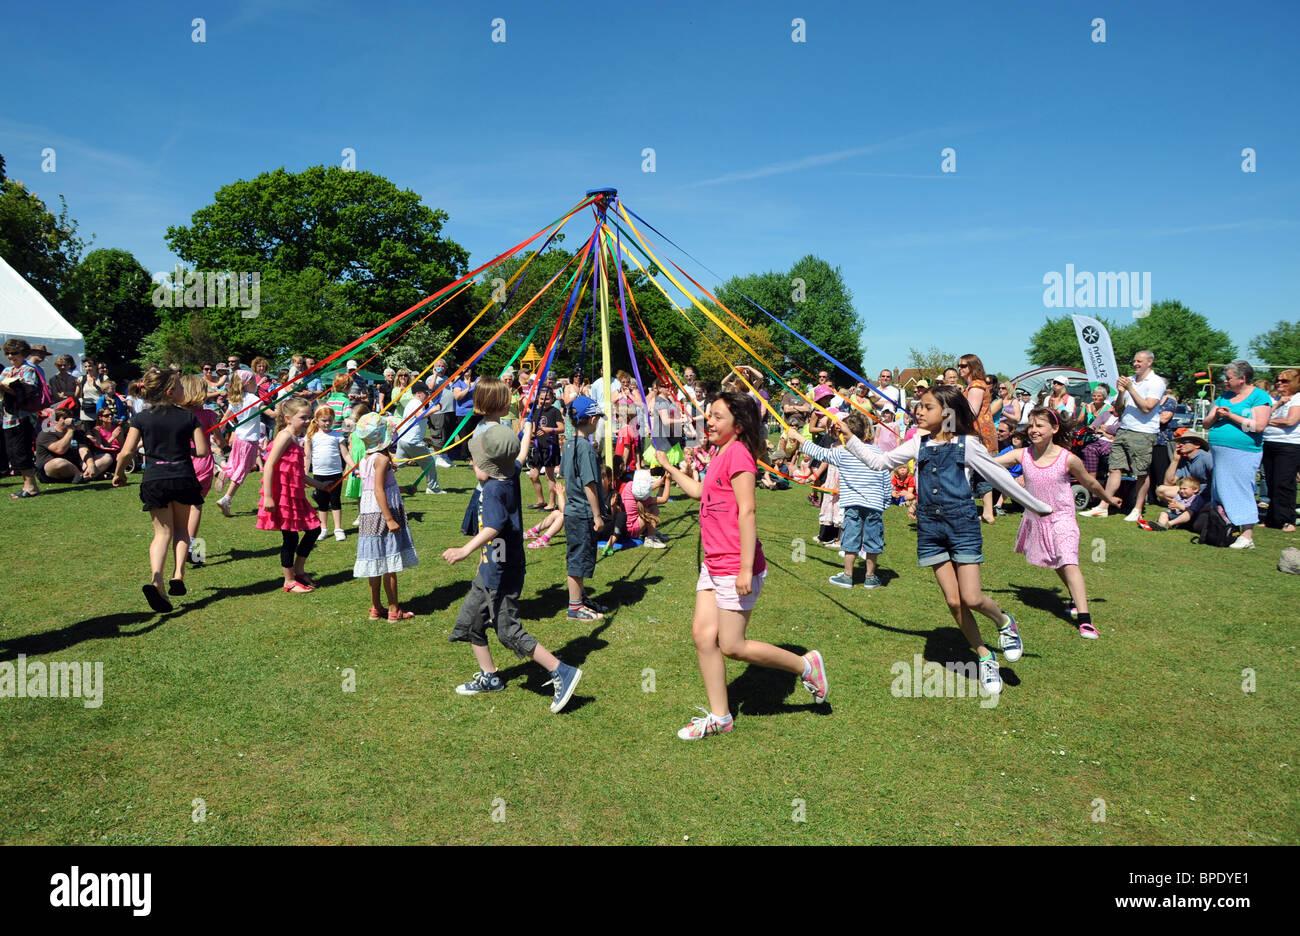 Junge Kindertanz runden ein Maibaum bei einem Dorffest in Rigmer in Sussex Stockbild